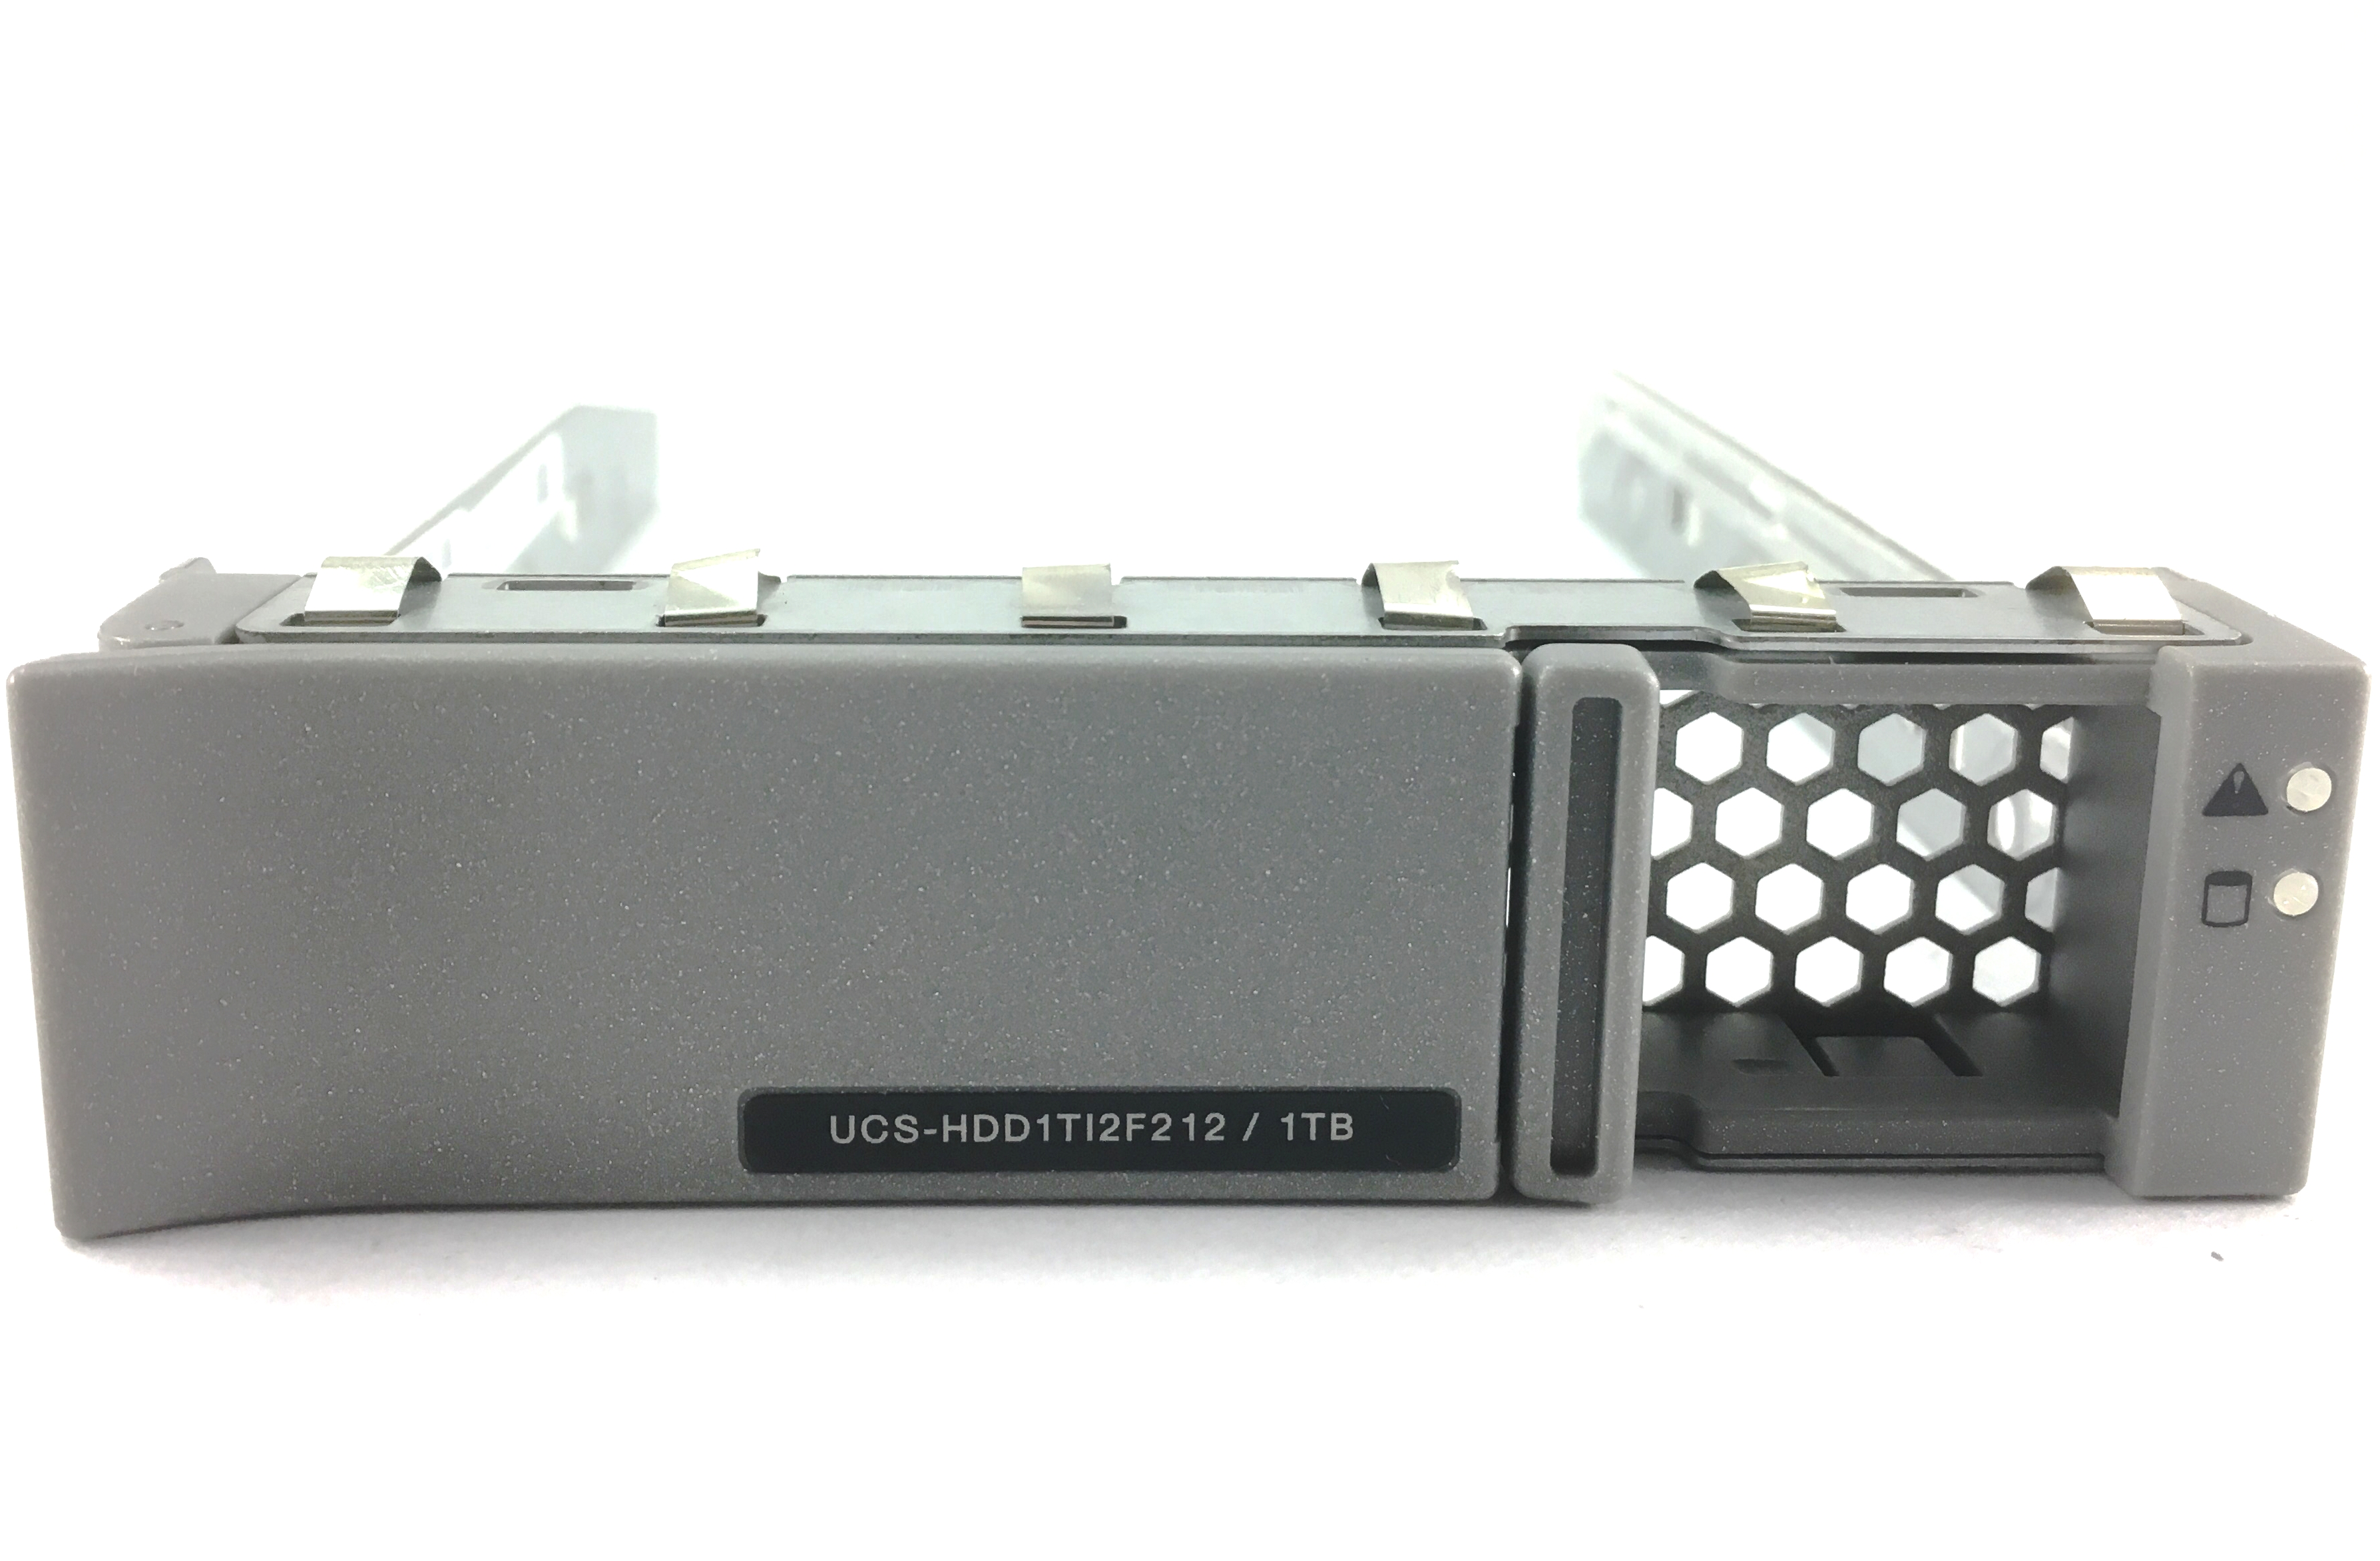 Cisco UCS C220 C240 M3 M4 3.5'' LFF HDD Hard Drive Tray Caddy (800-37836-01)